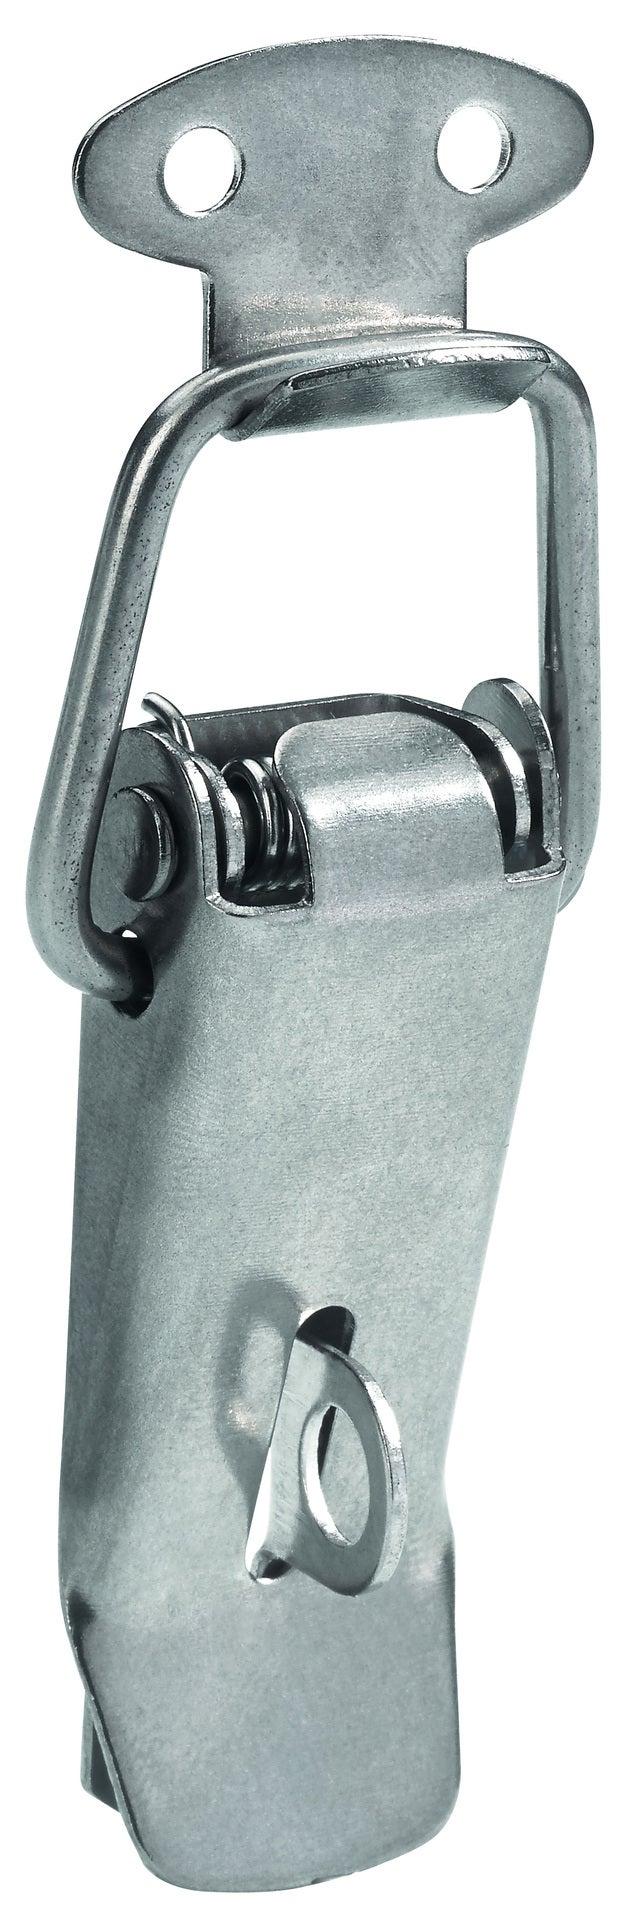 Fermoir à levier acier HETTICH, L.60 x l.17 mm